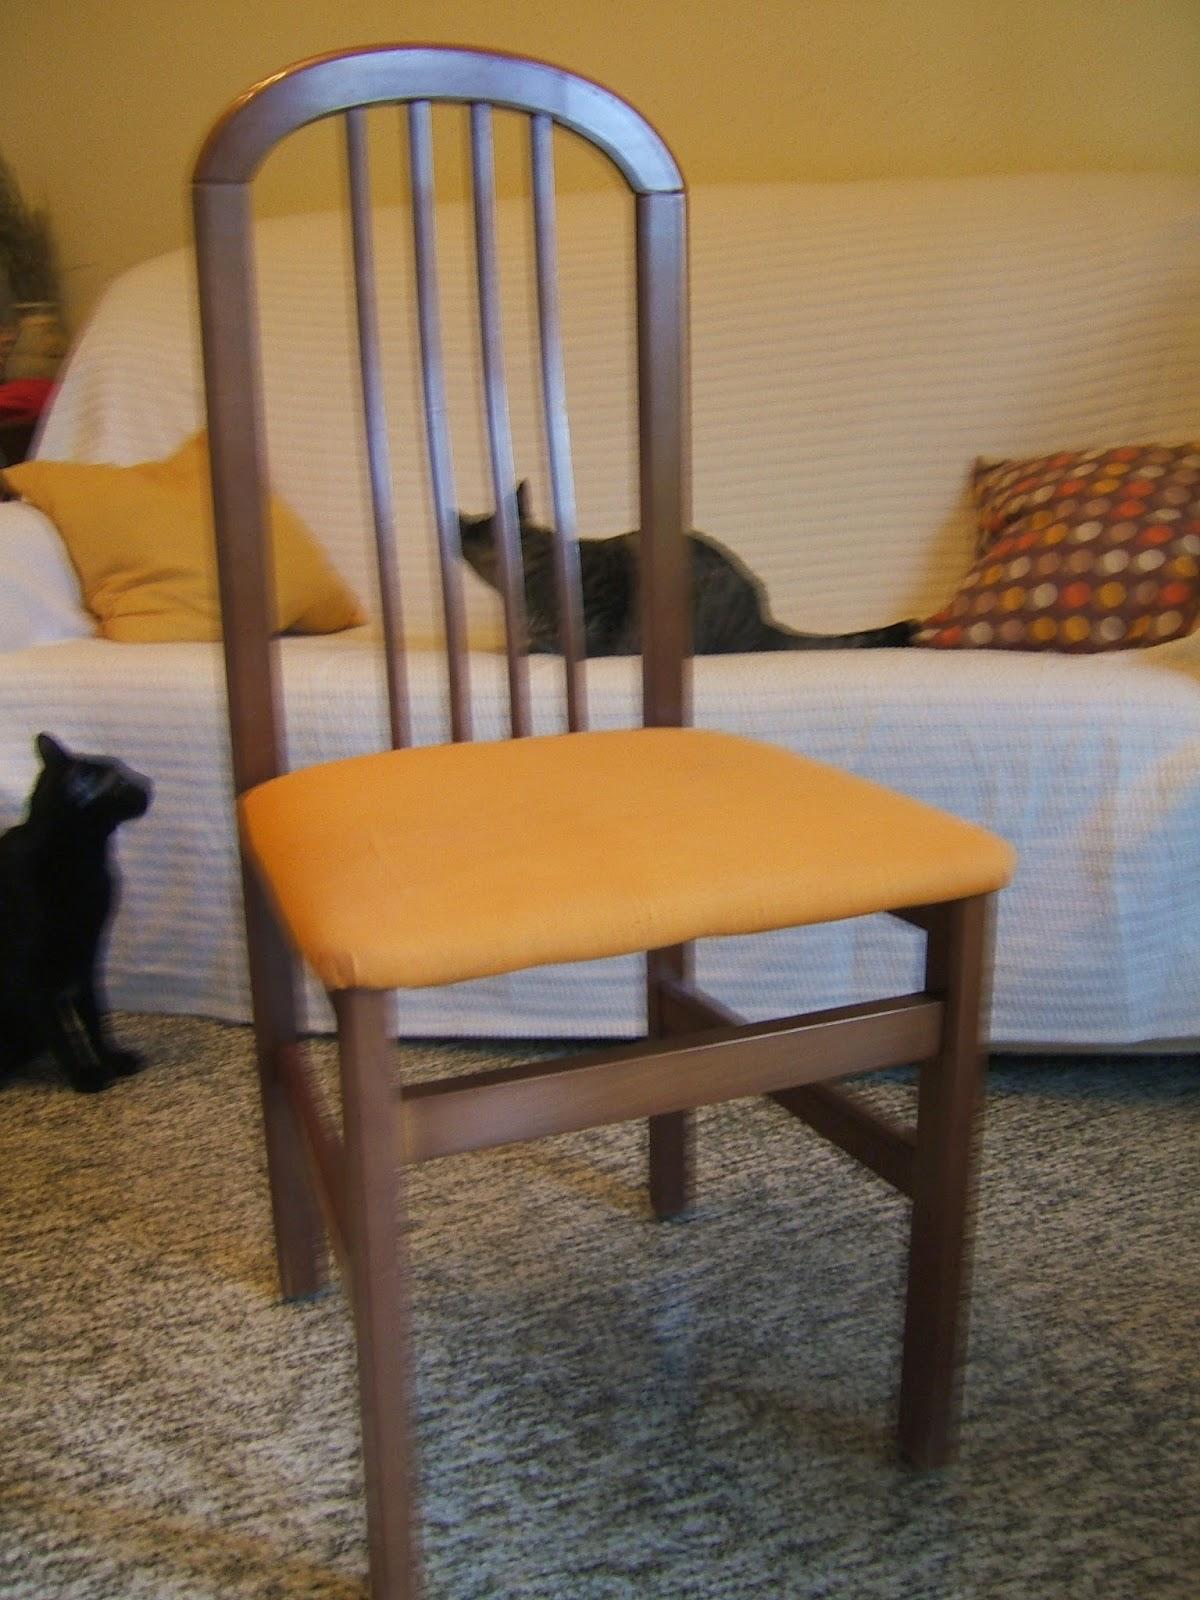 Grace blog 5 pasos para tapizar sillas - Como tapizar una silla con respaldo ...